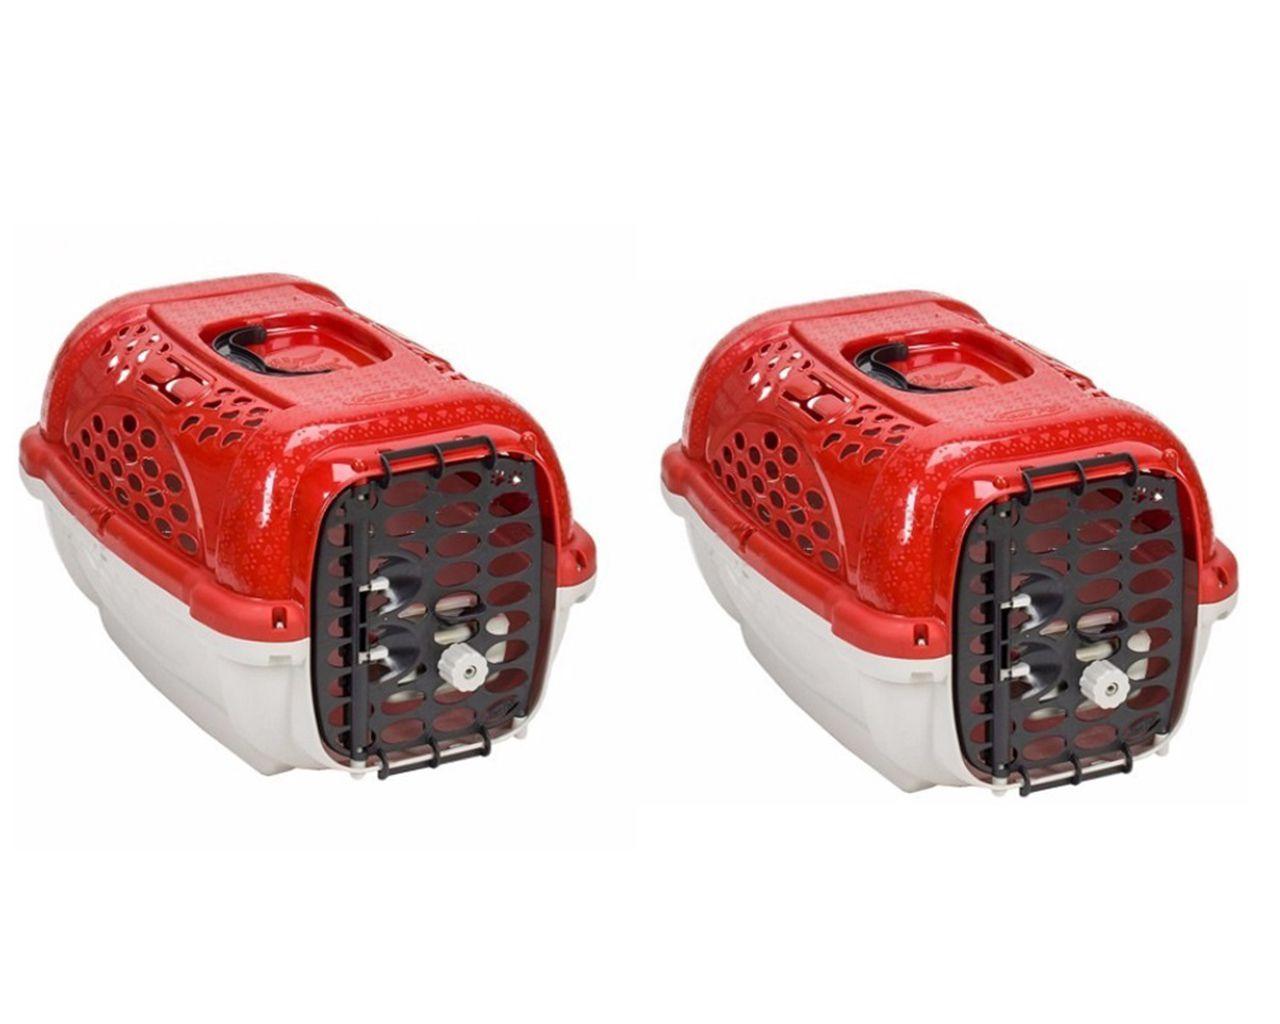 2 Caixas De Transporte Cães E Gato Panther Nº1 Vermelhas